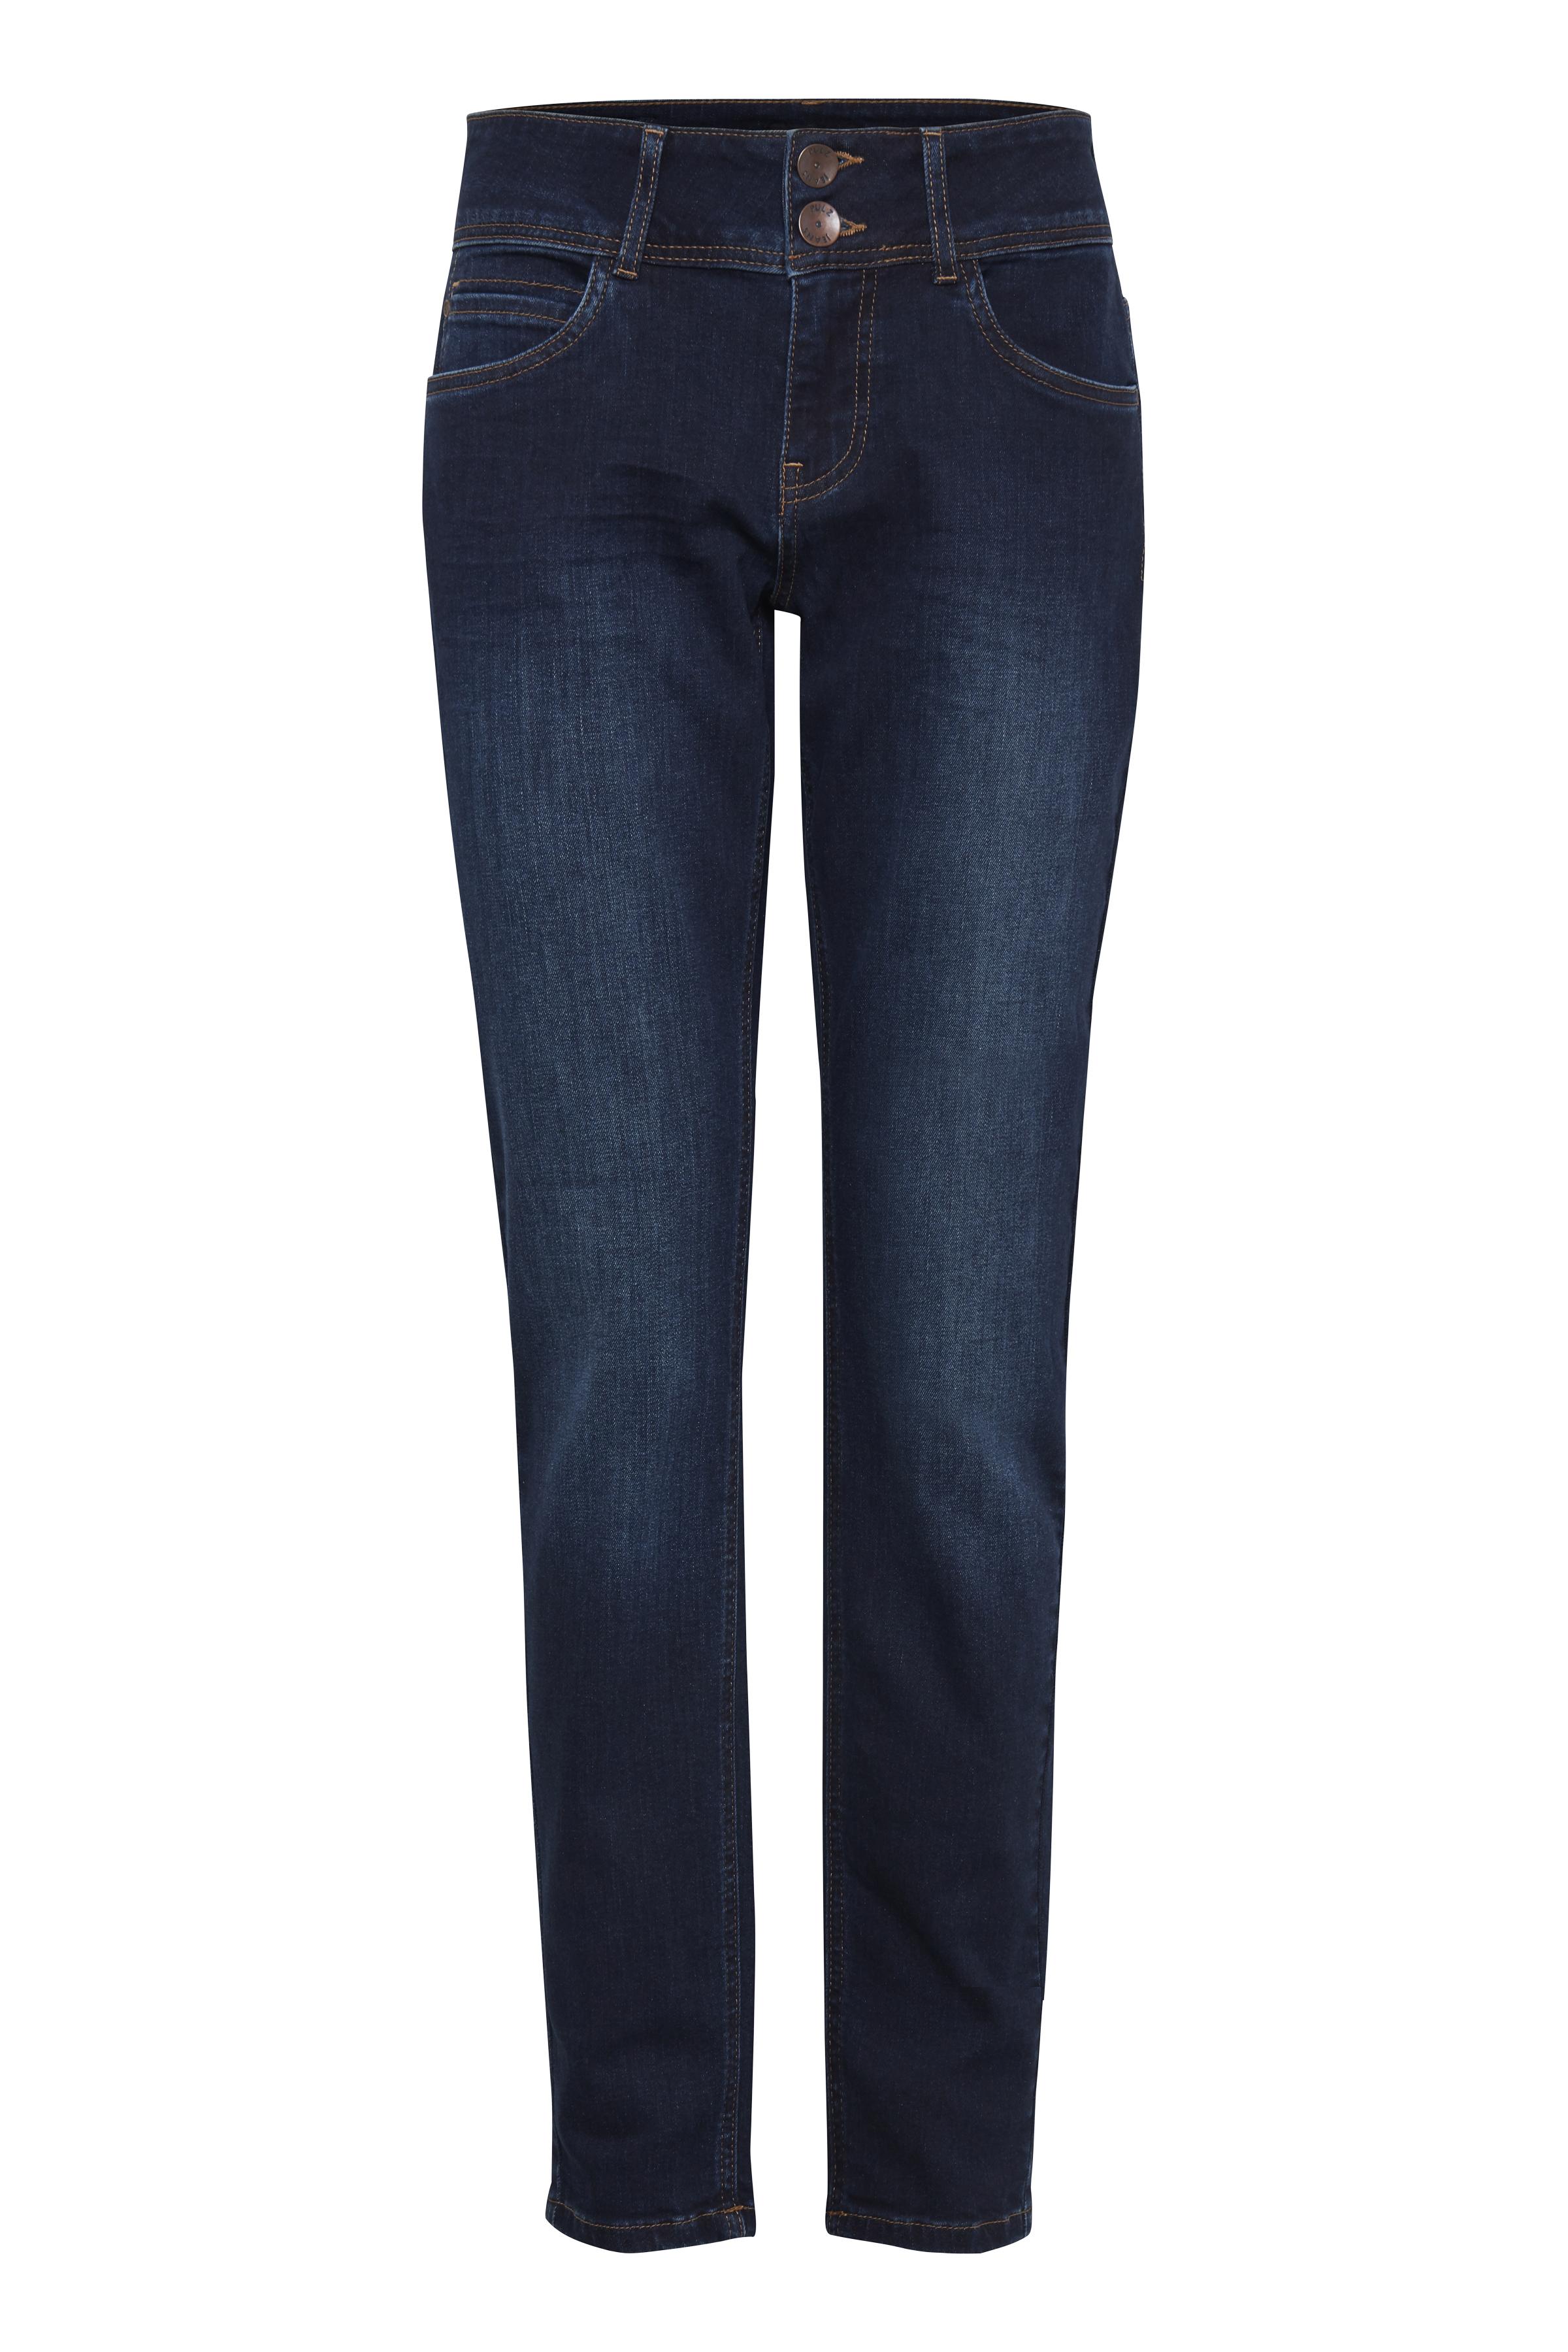 Image of Pulz Jeans Dame Jeans - Blå